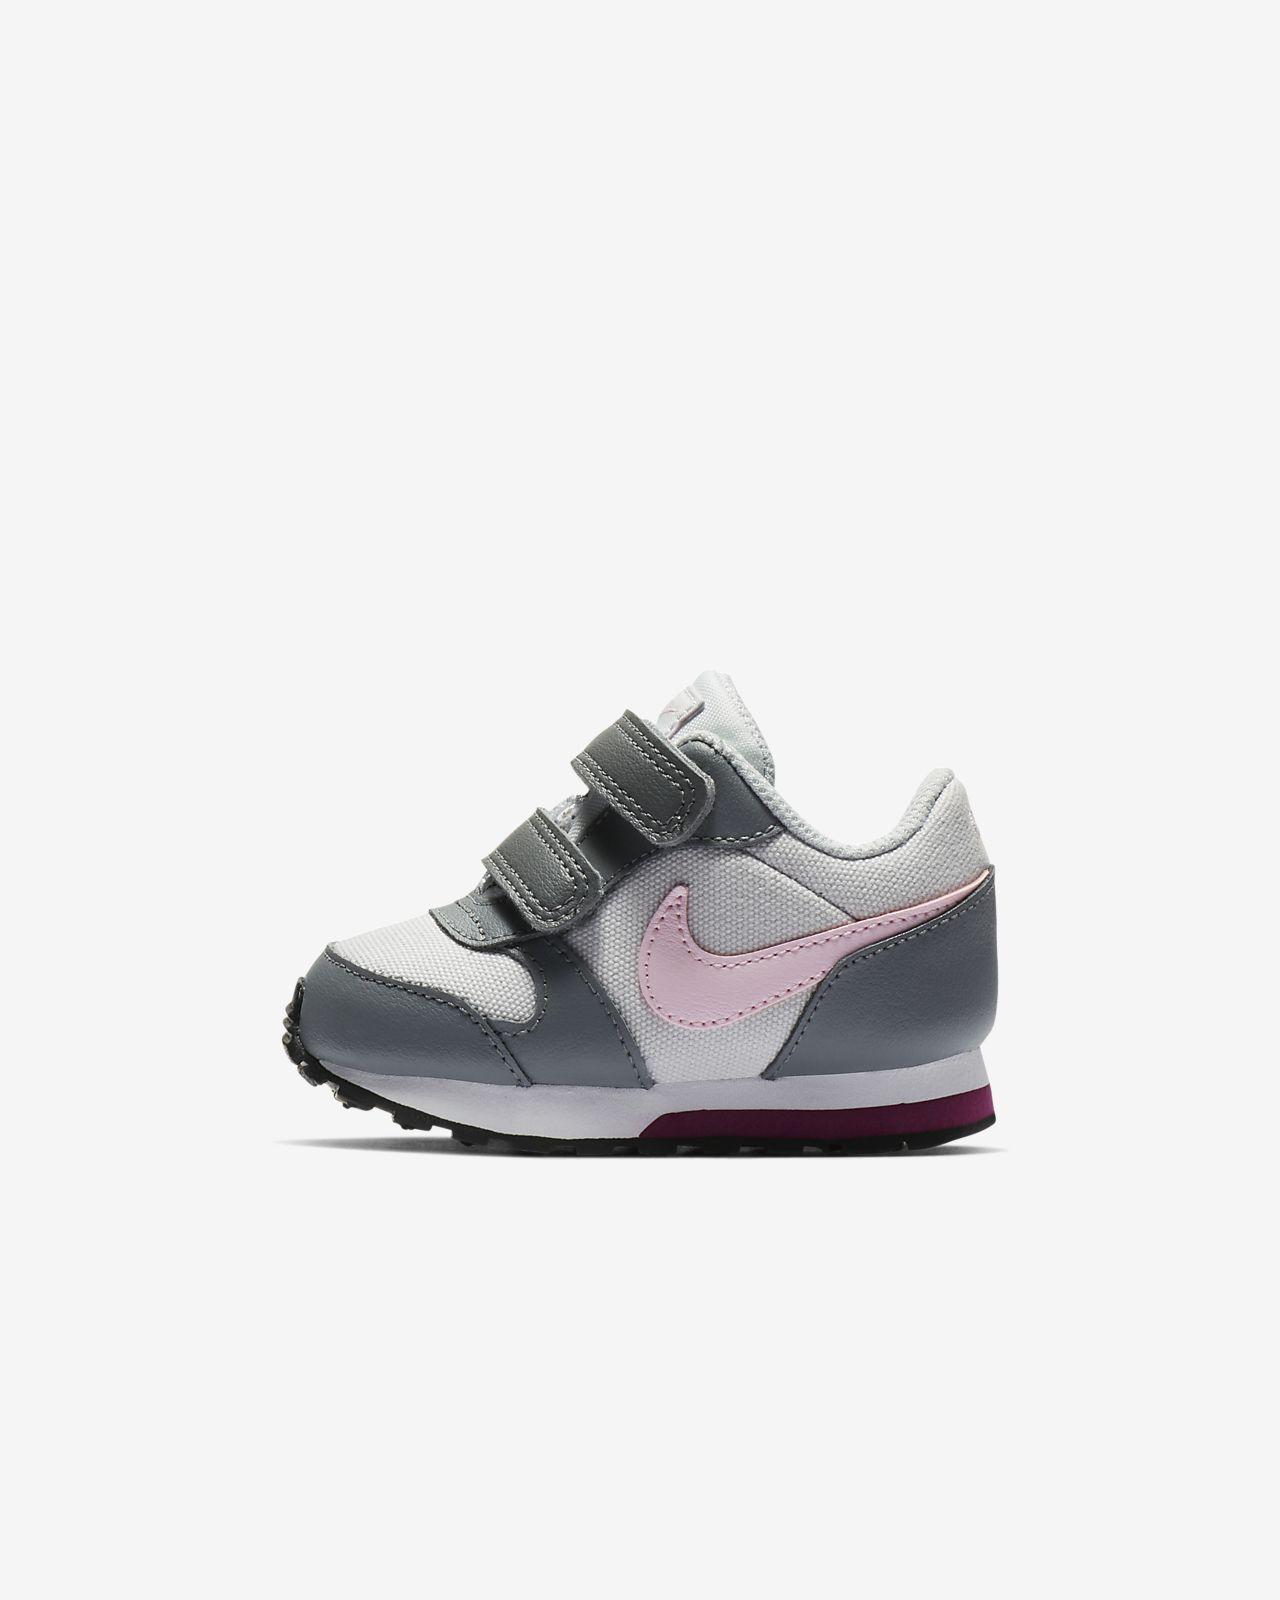 half off 18f05 d7486 ... Chaussure Nike MD Runner 2 pour Bébé Petit enfant